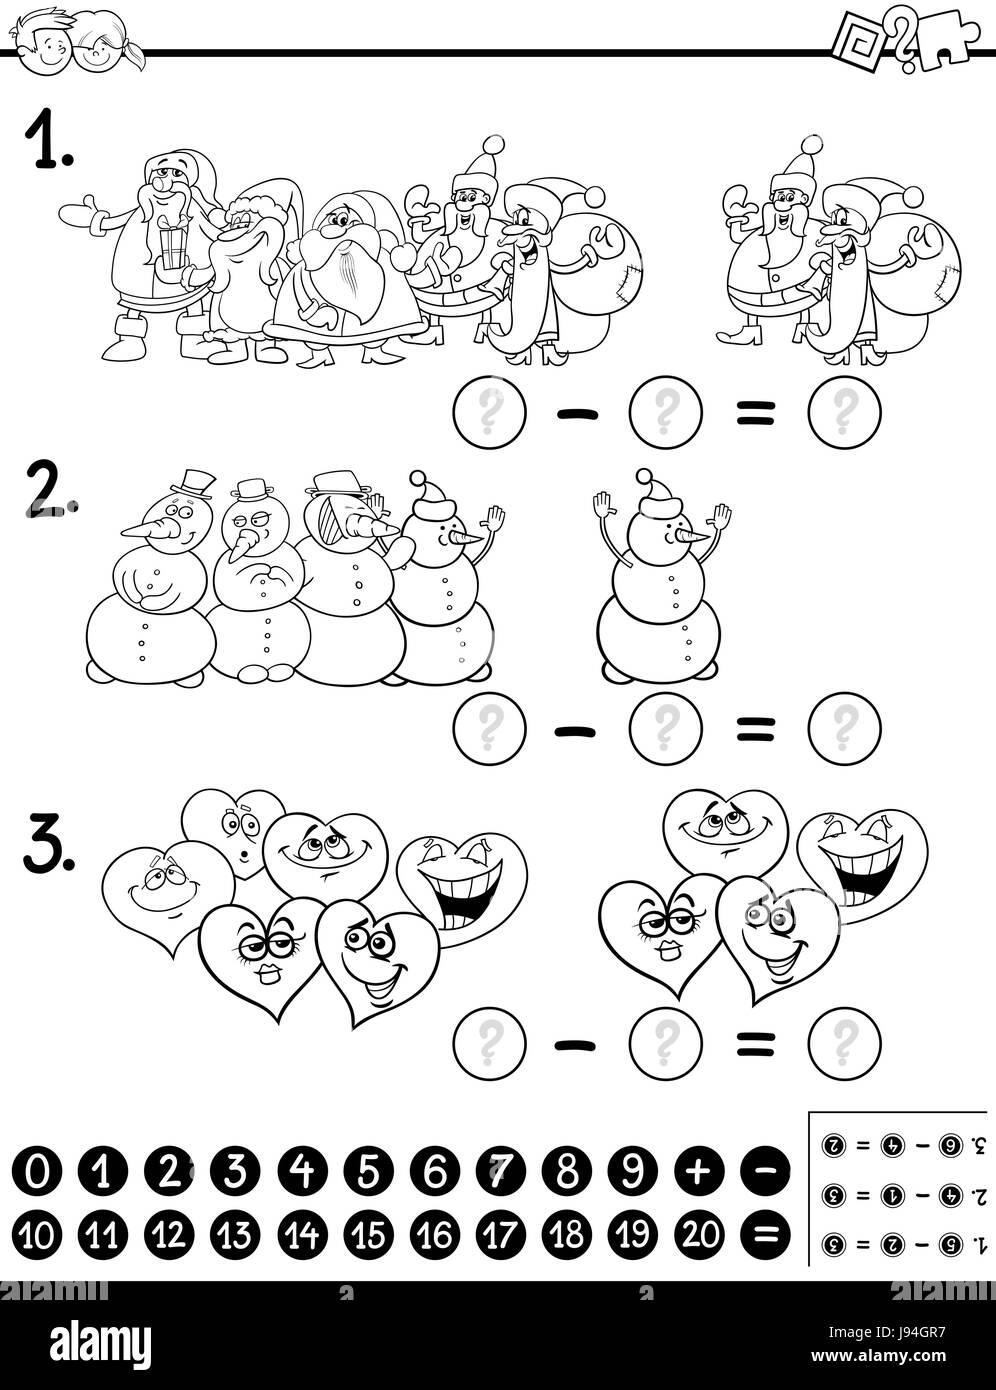 Ilustracion Caricatura En Blanco Y Negro De Recuento Y Educativa